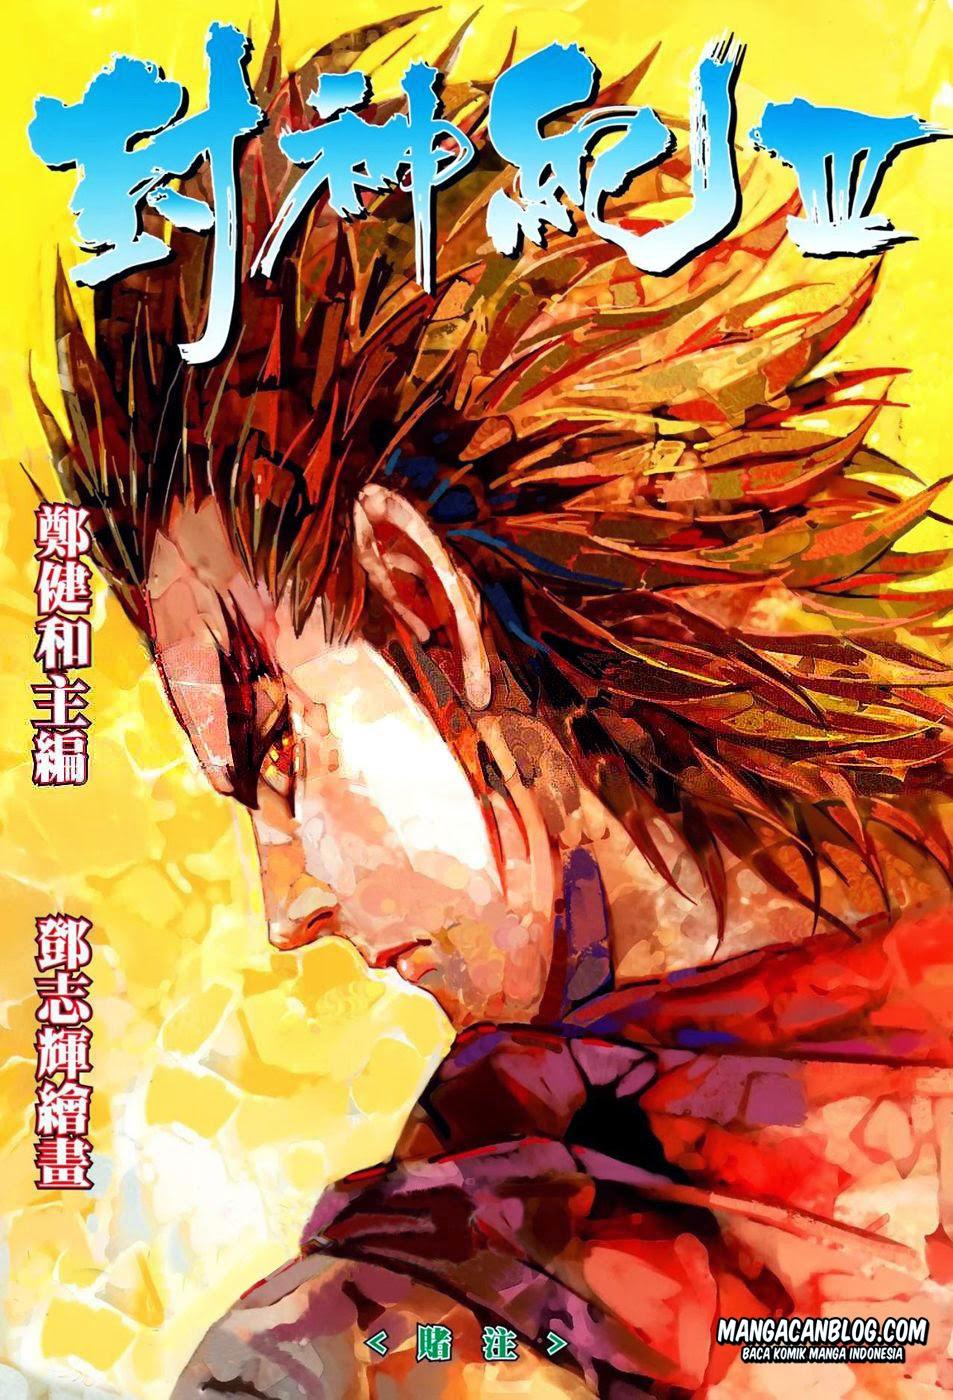 Dilarang COPAS - situs resmi www.mangacanblog.com - Komik feng shen ji 2 073 - Pertaruhan 74 Indonesia feng shen ji 2 073 - Pertaruhan Terbaru |Baca Manga Komik Indonesia|Mangacan